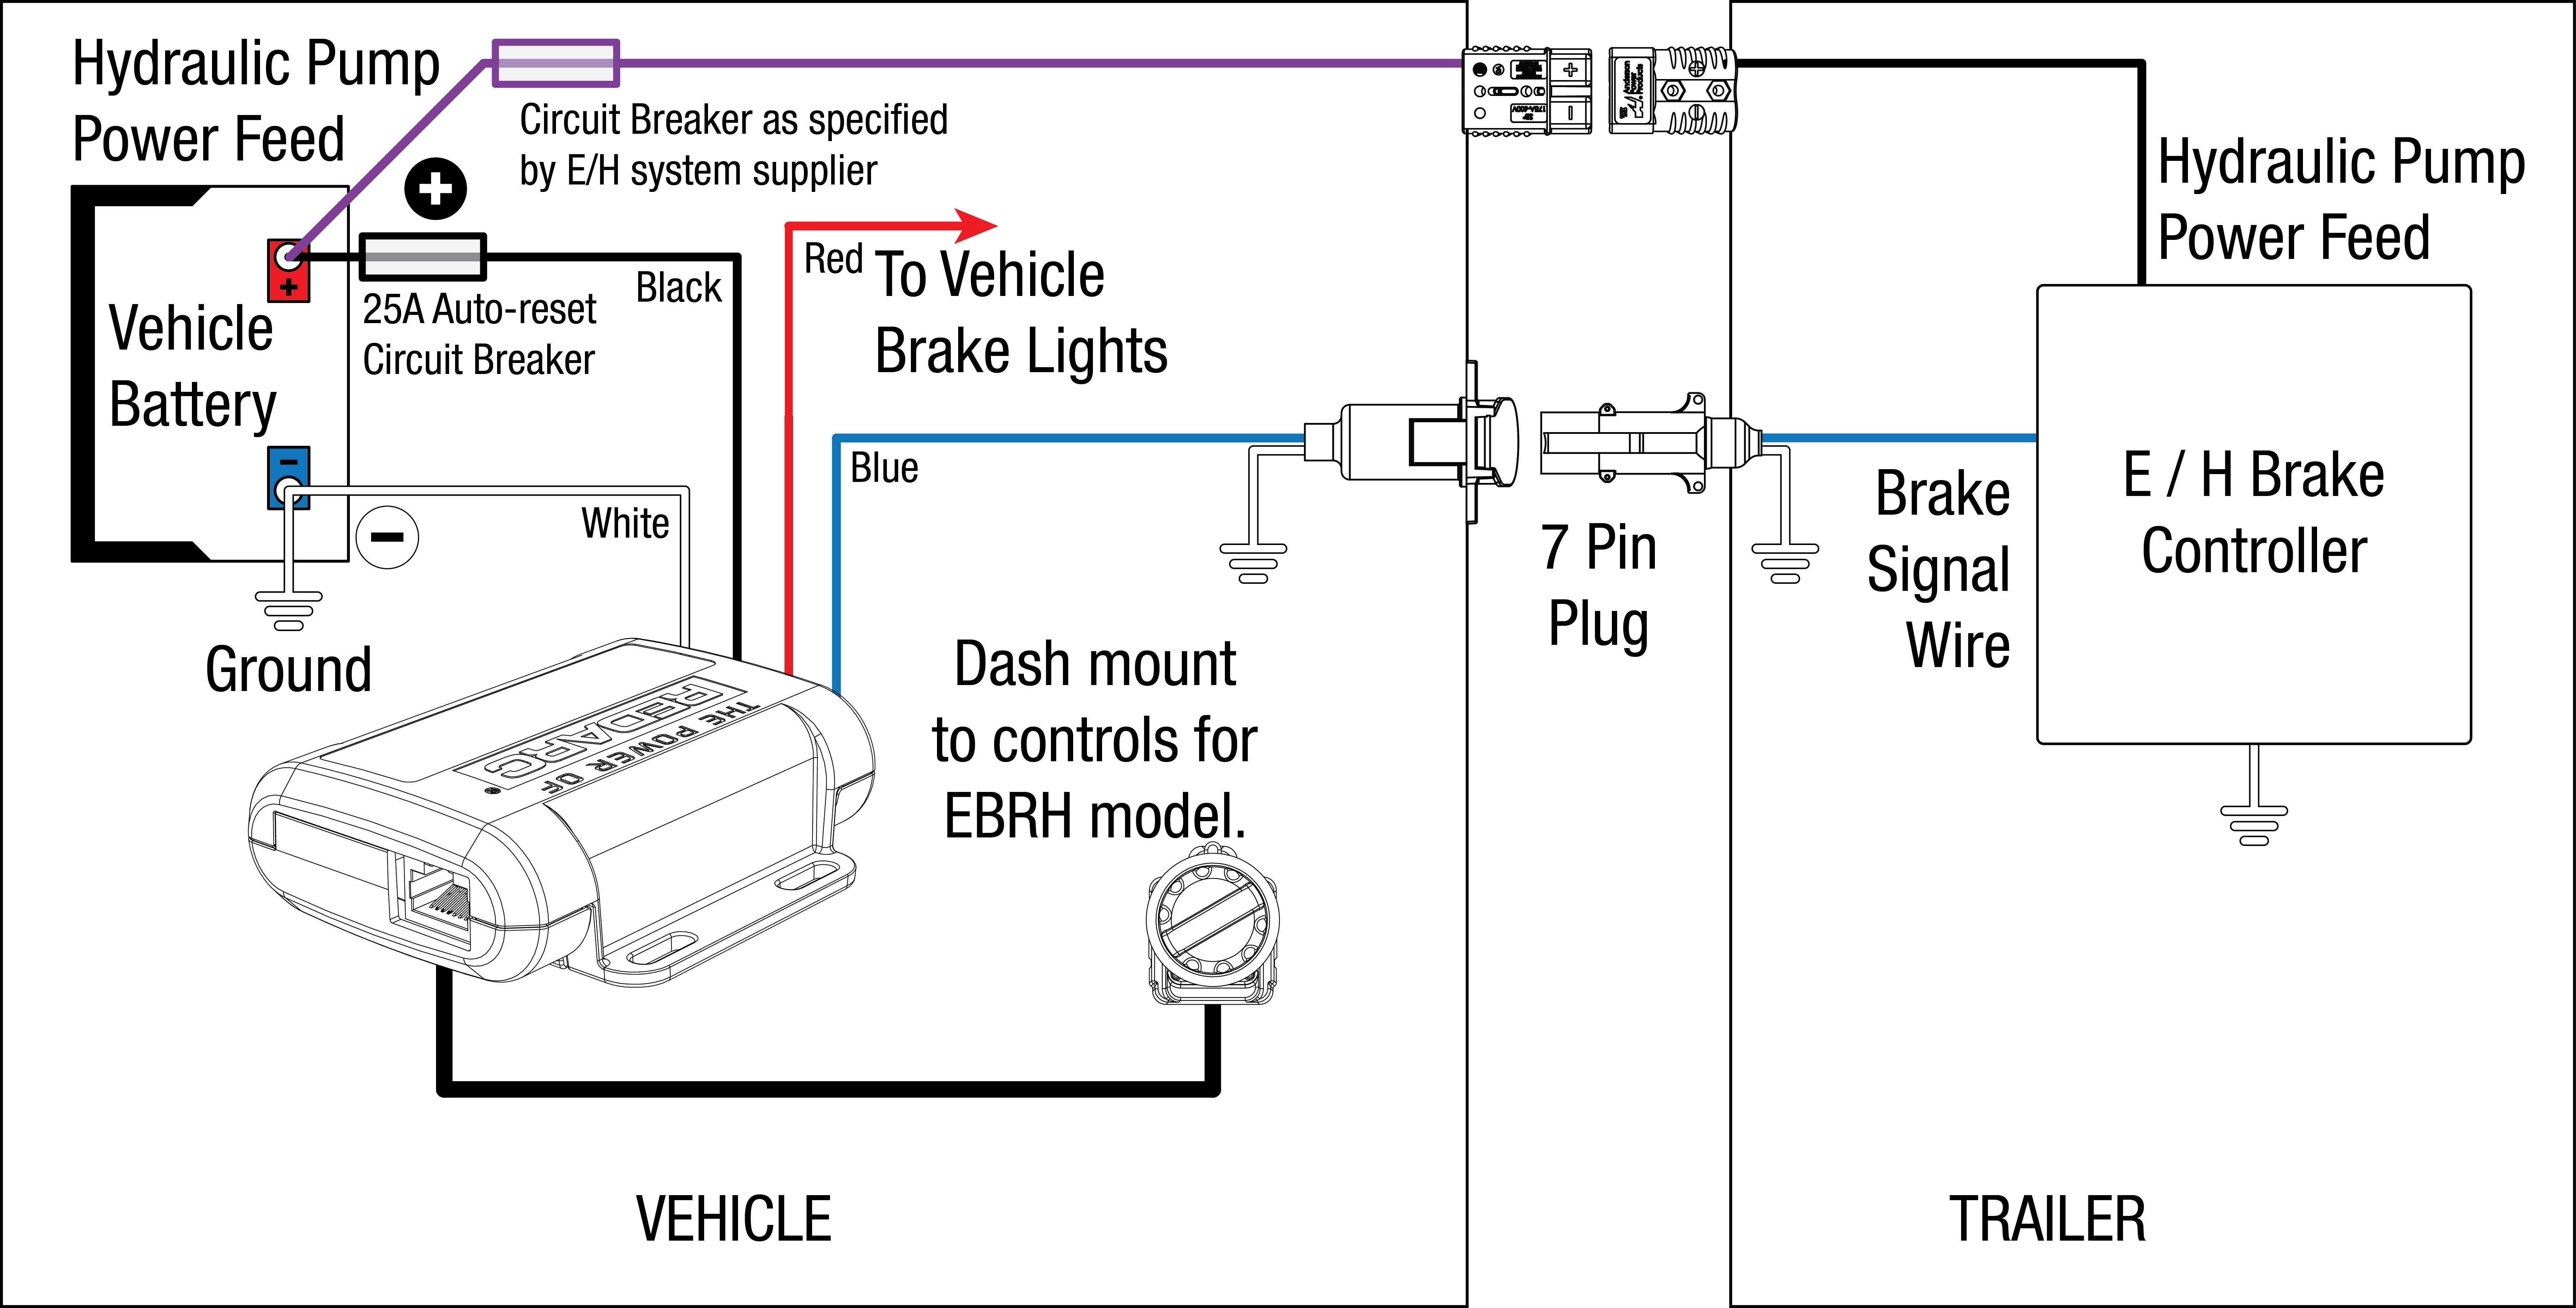 Silverado Tail Light Wiring Diagram Luxury 3 Wire Tail Light Wiring Diagram Diagram Of Silverado Tail Light Wiring Diagram